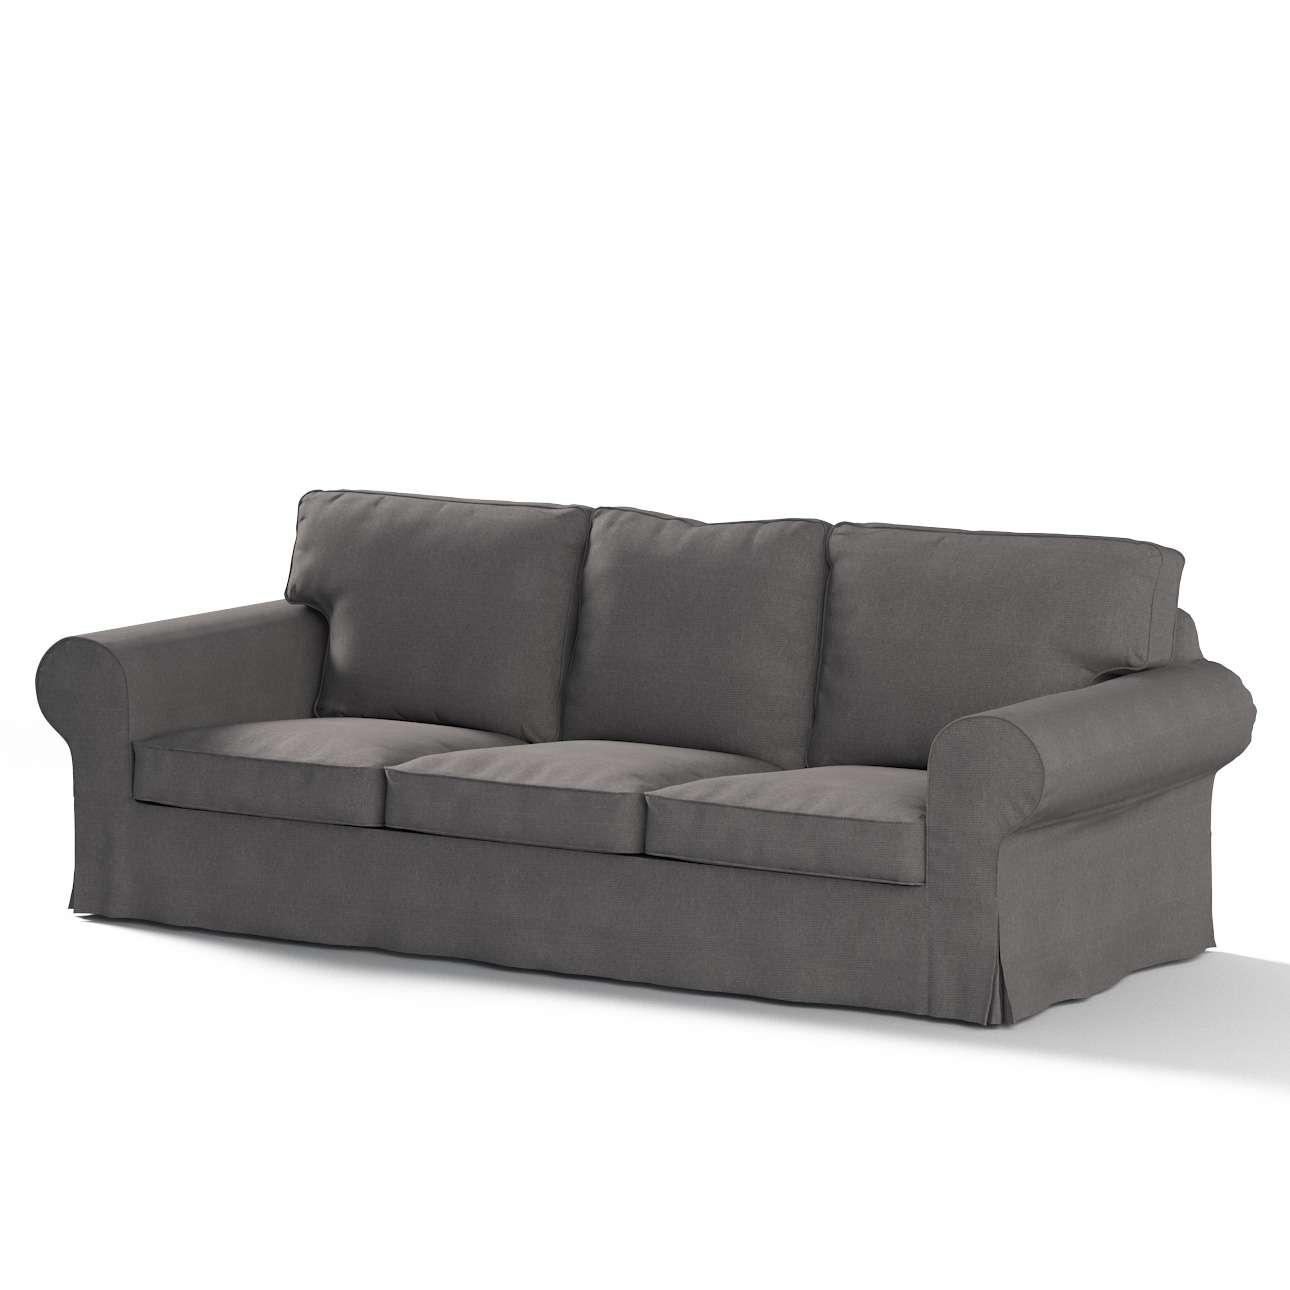 Pokrowiec na sofę Ektorp 3-osobową, rozkładaną w kolekcji Etna, tkanina: 705-35